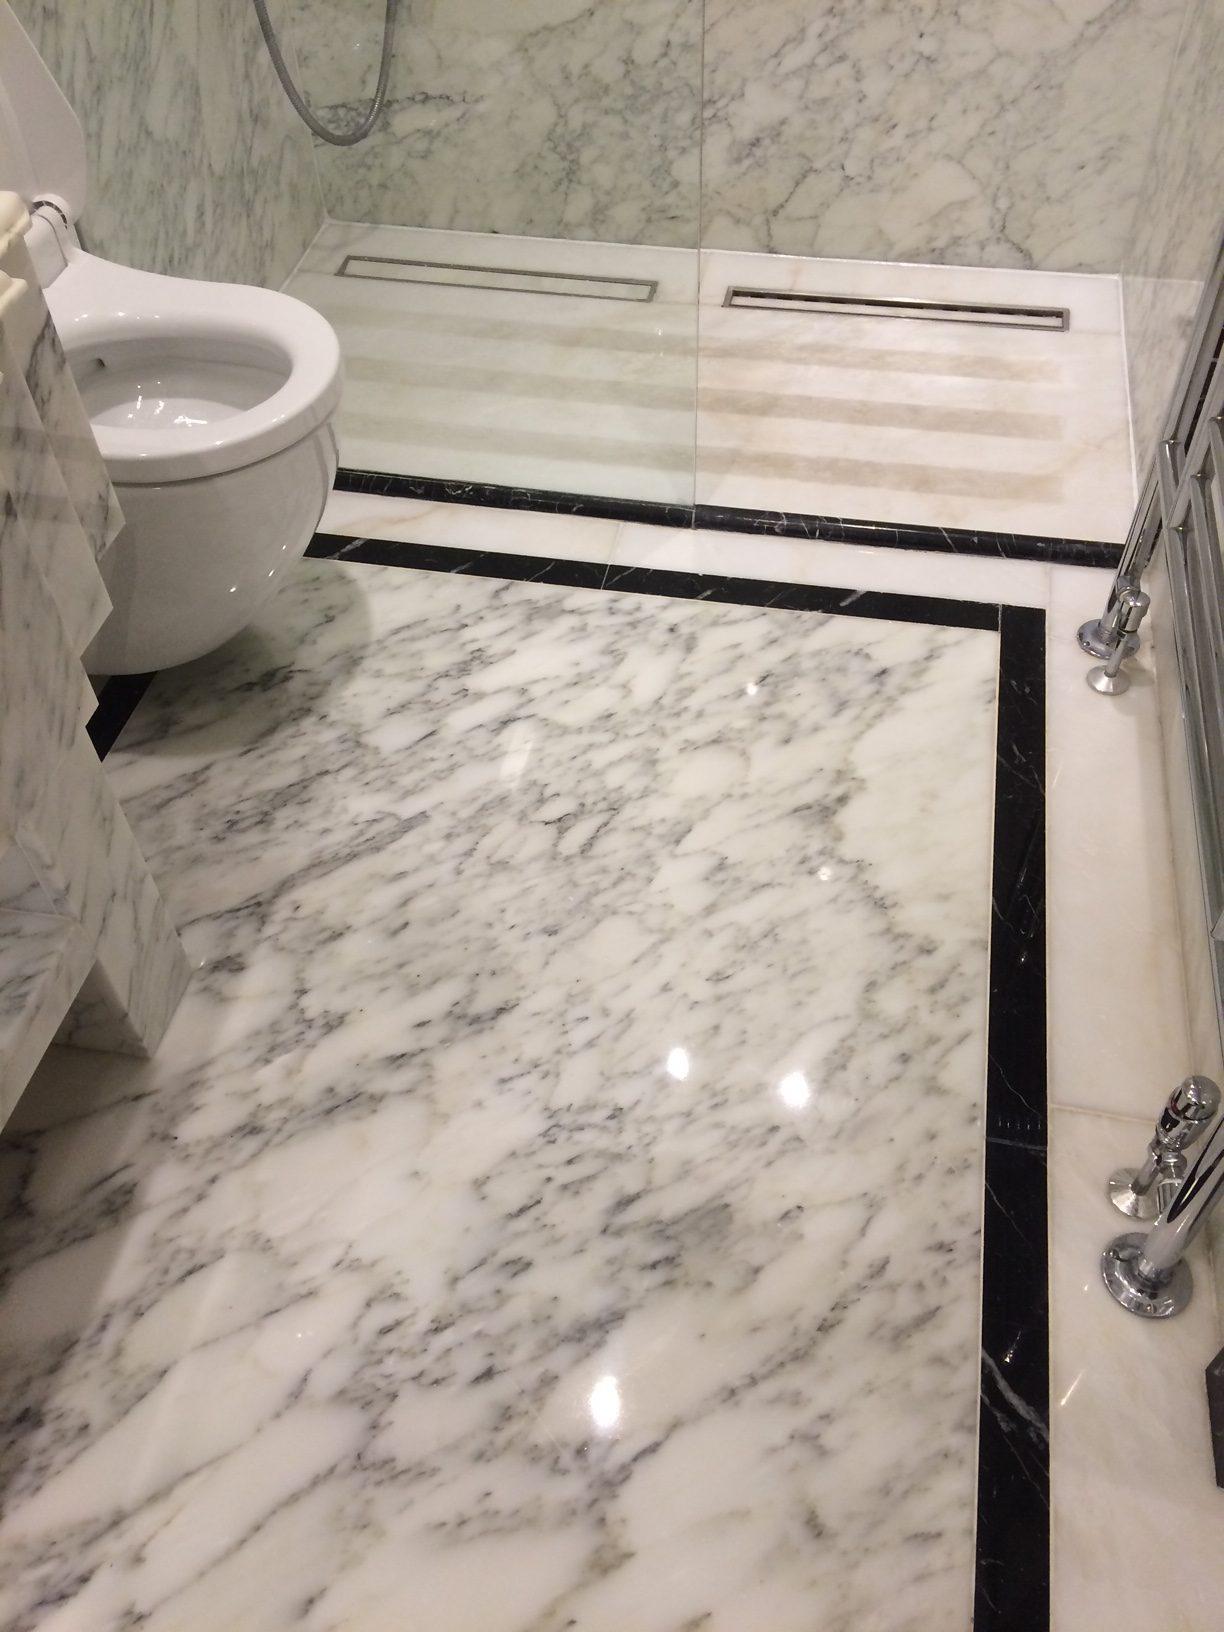 Marble bathroom floor after polishing